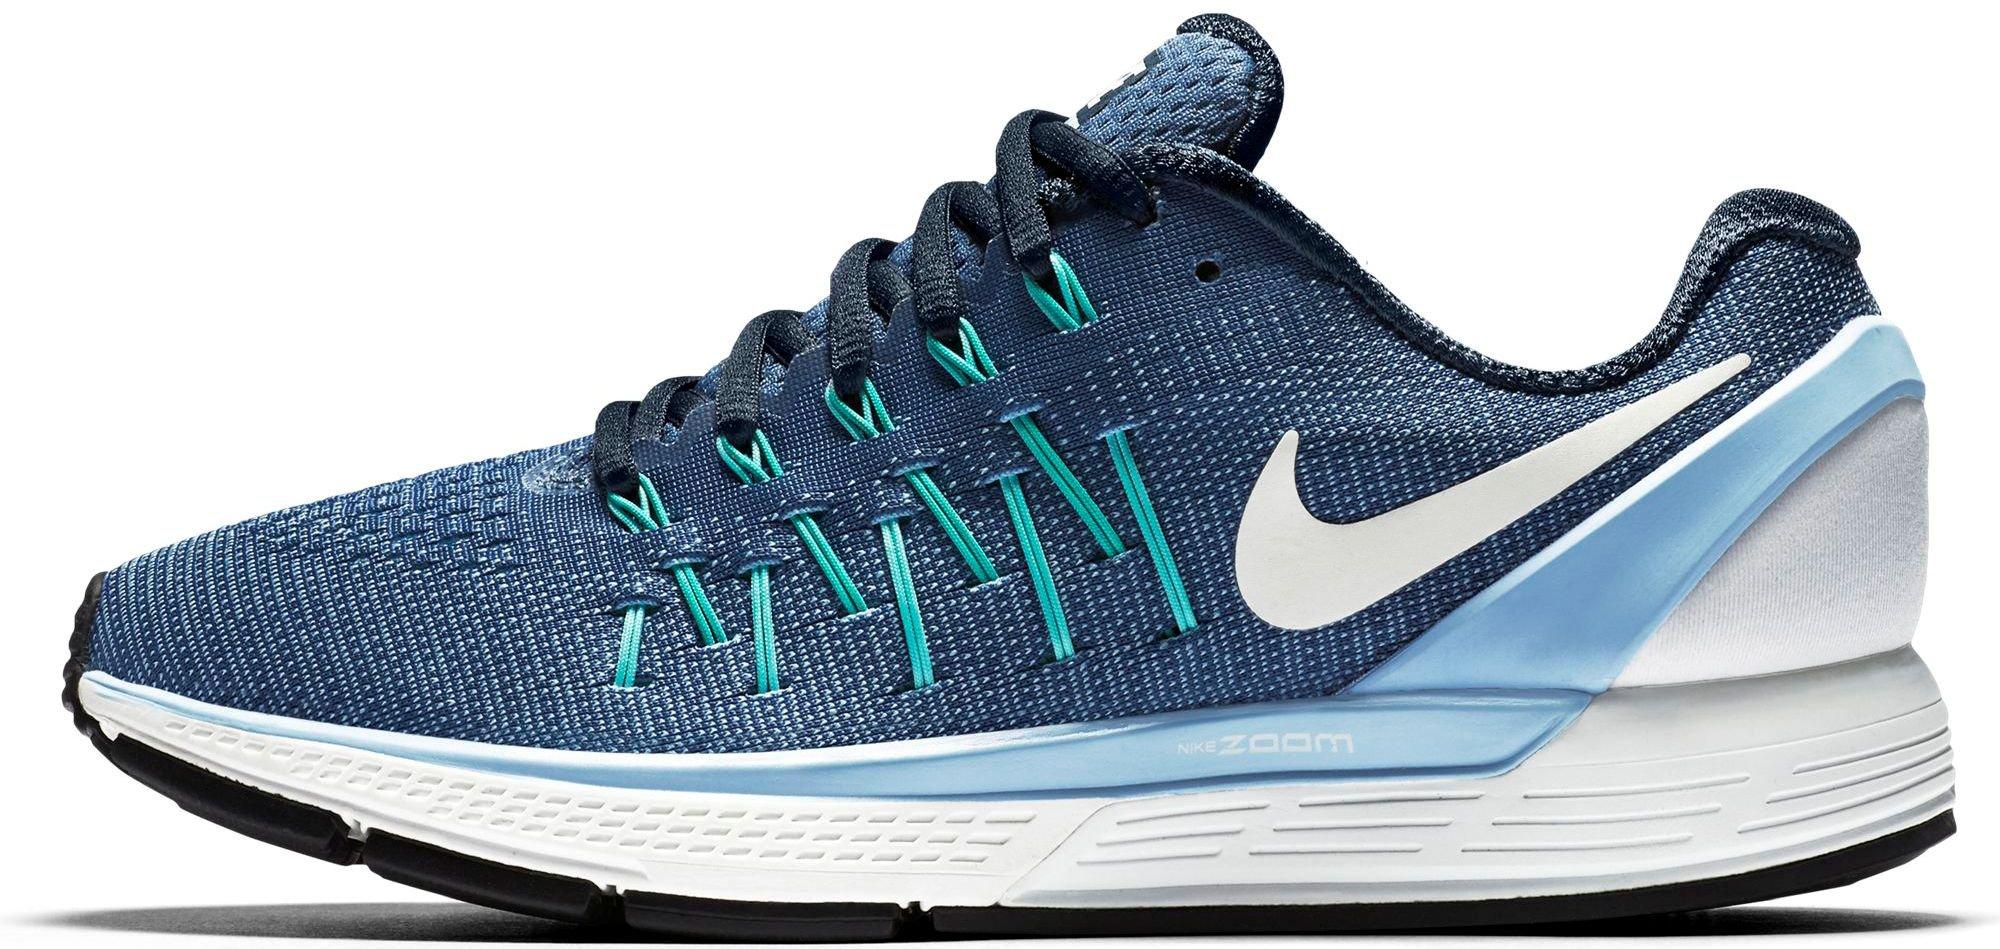 071cc2c5 Купить женские кроссовки Nike Air Zoom Odyssey 2 W   Интернет ...